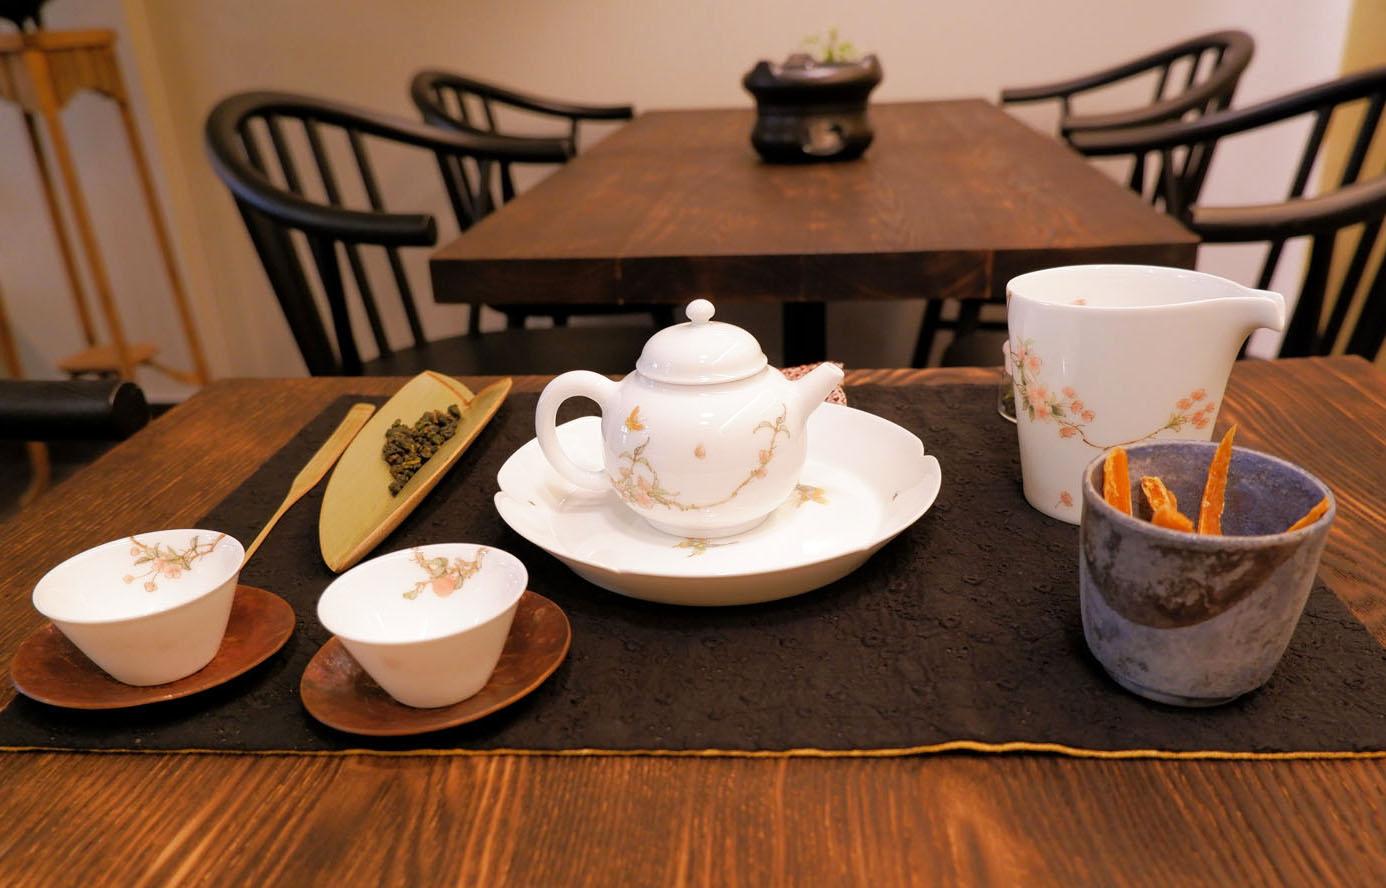 席茶(シーチャ)急須セット1628円~。